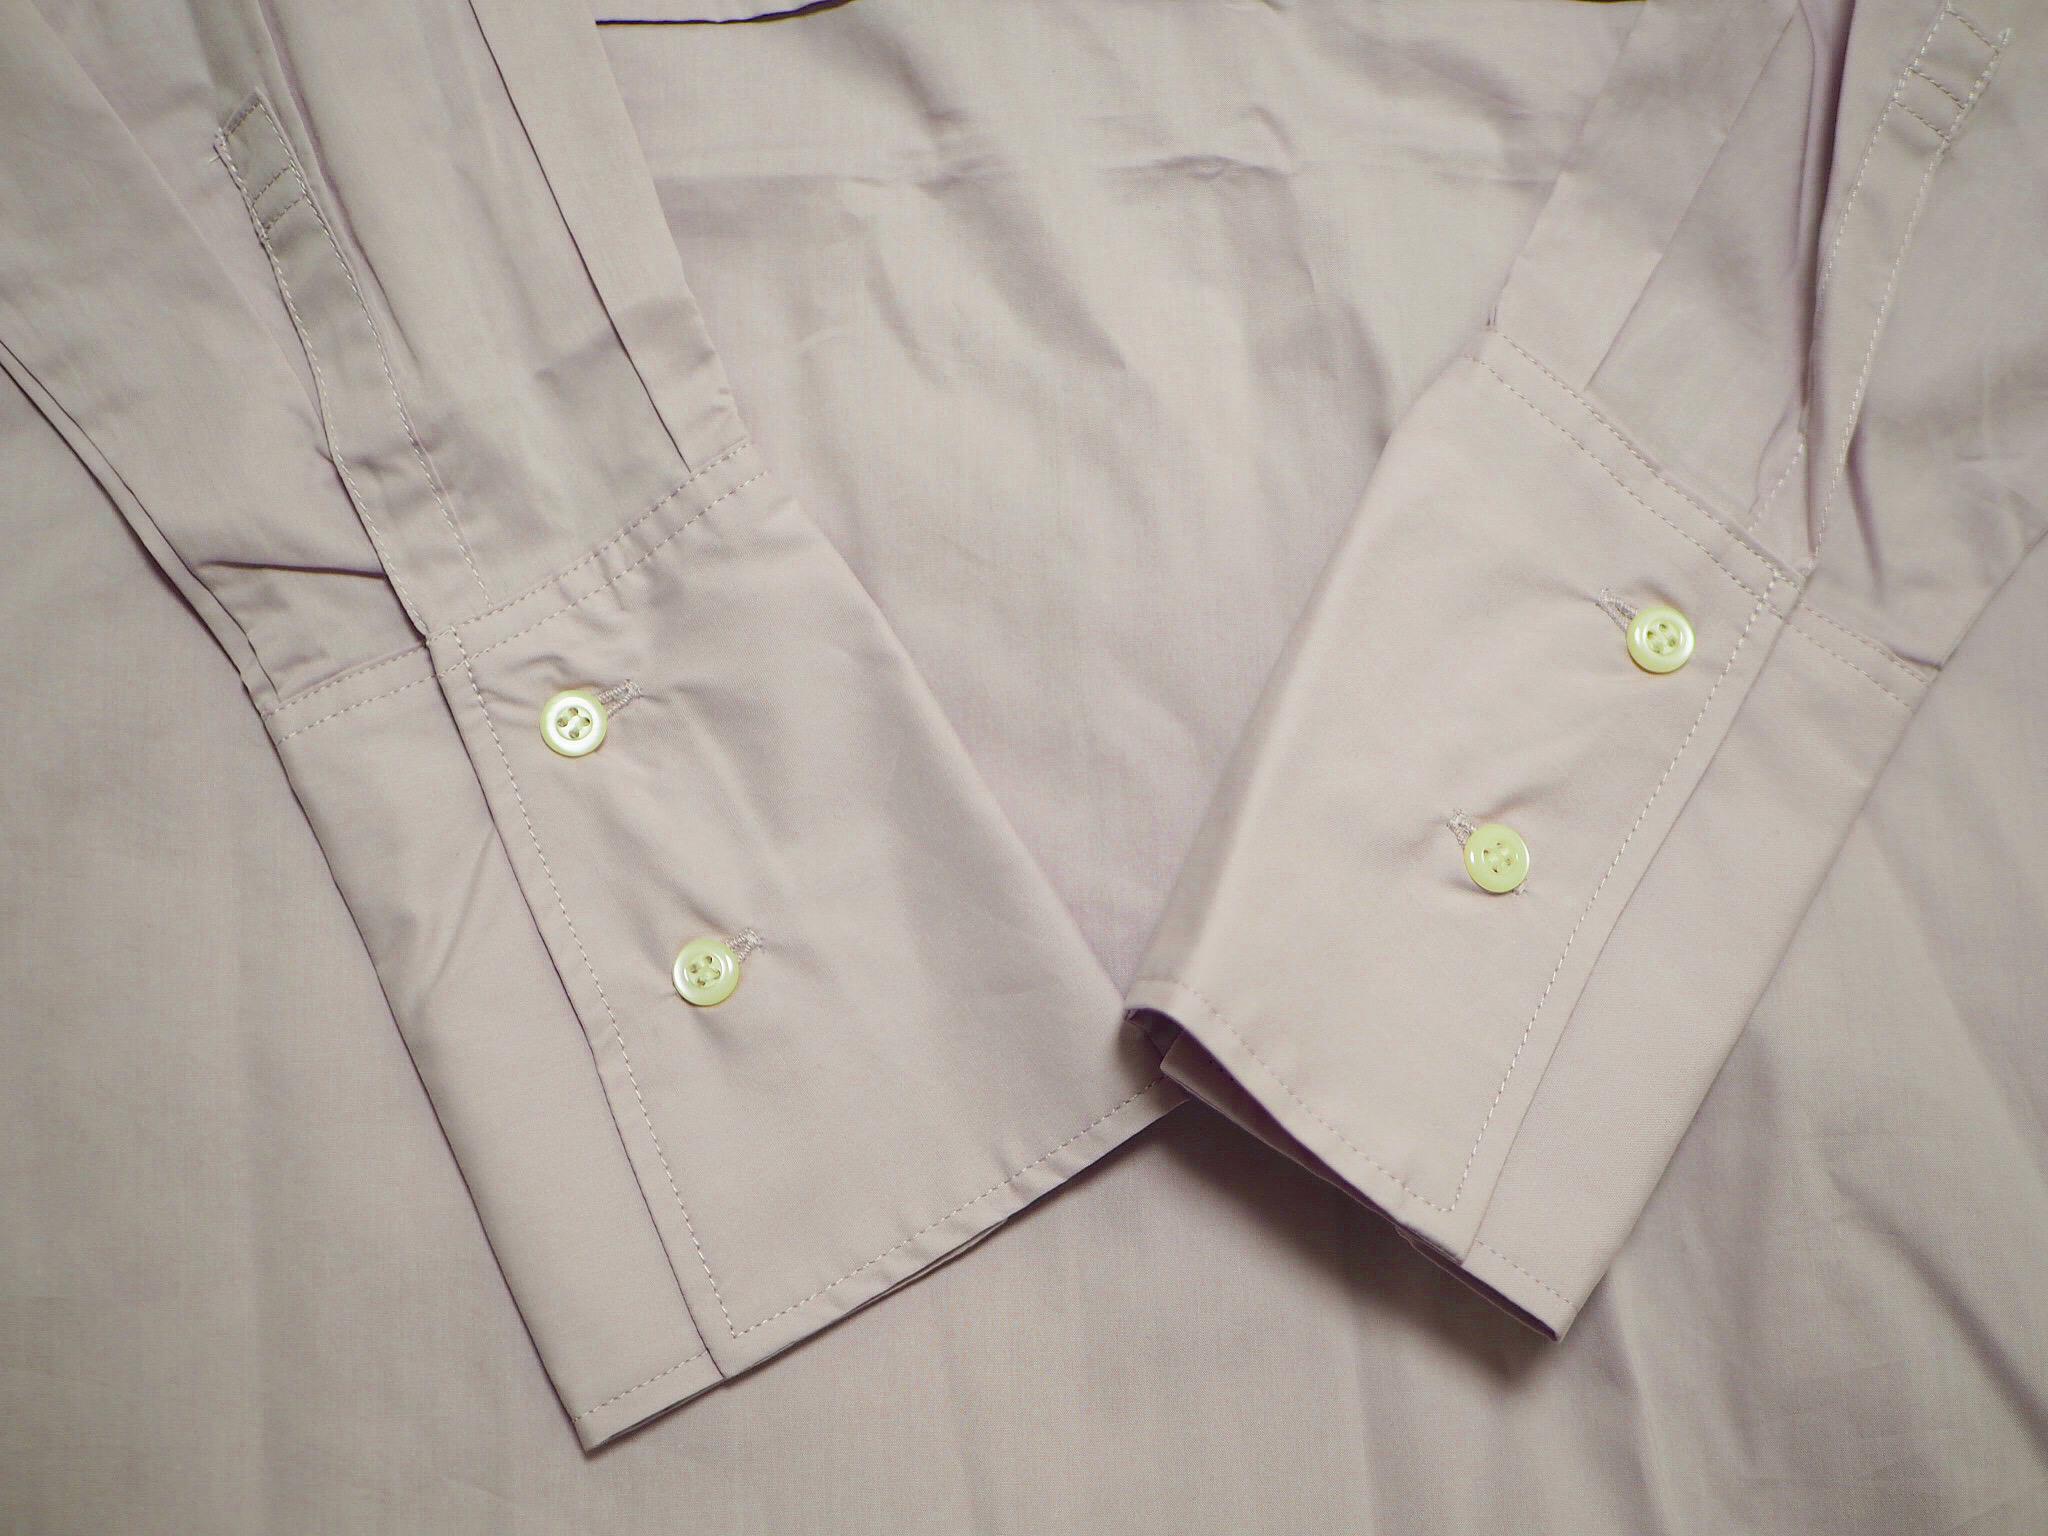 プチプラ服!【センスオブプレイス】の《春色ドレスシャツ》が可愛い♡⋈_7